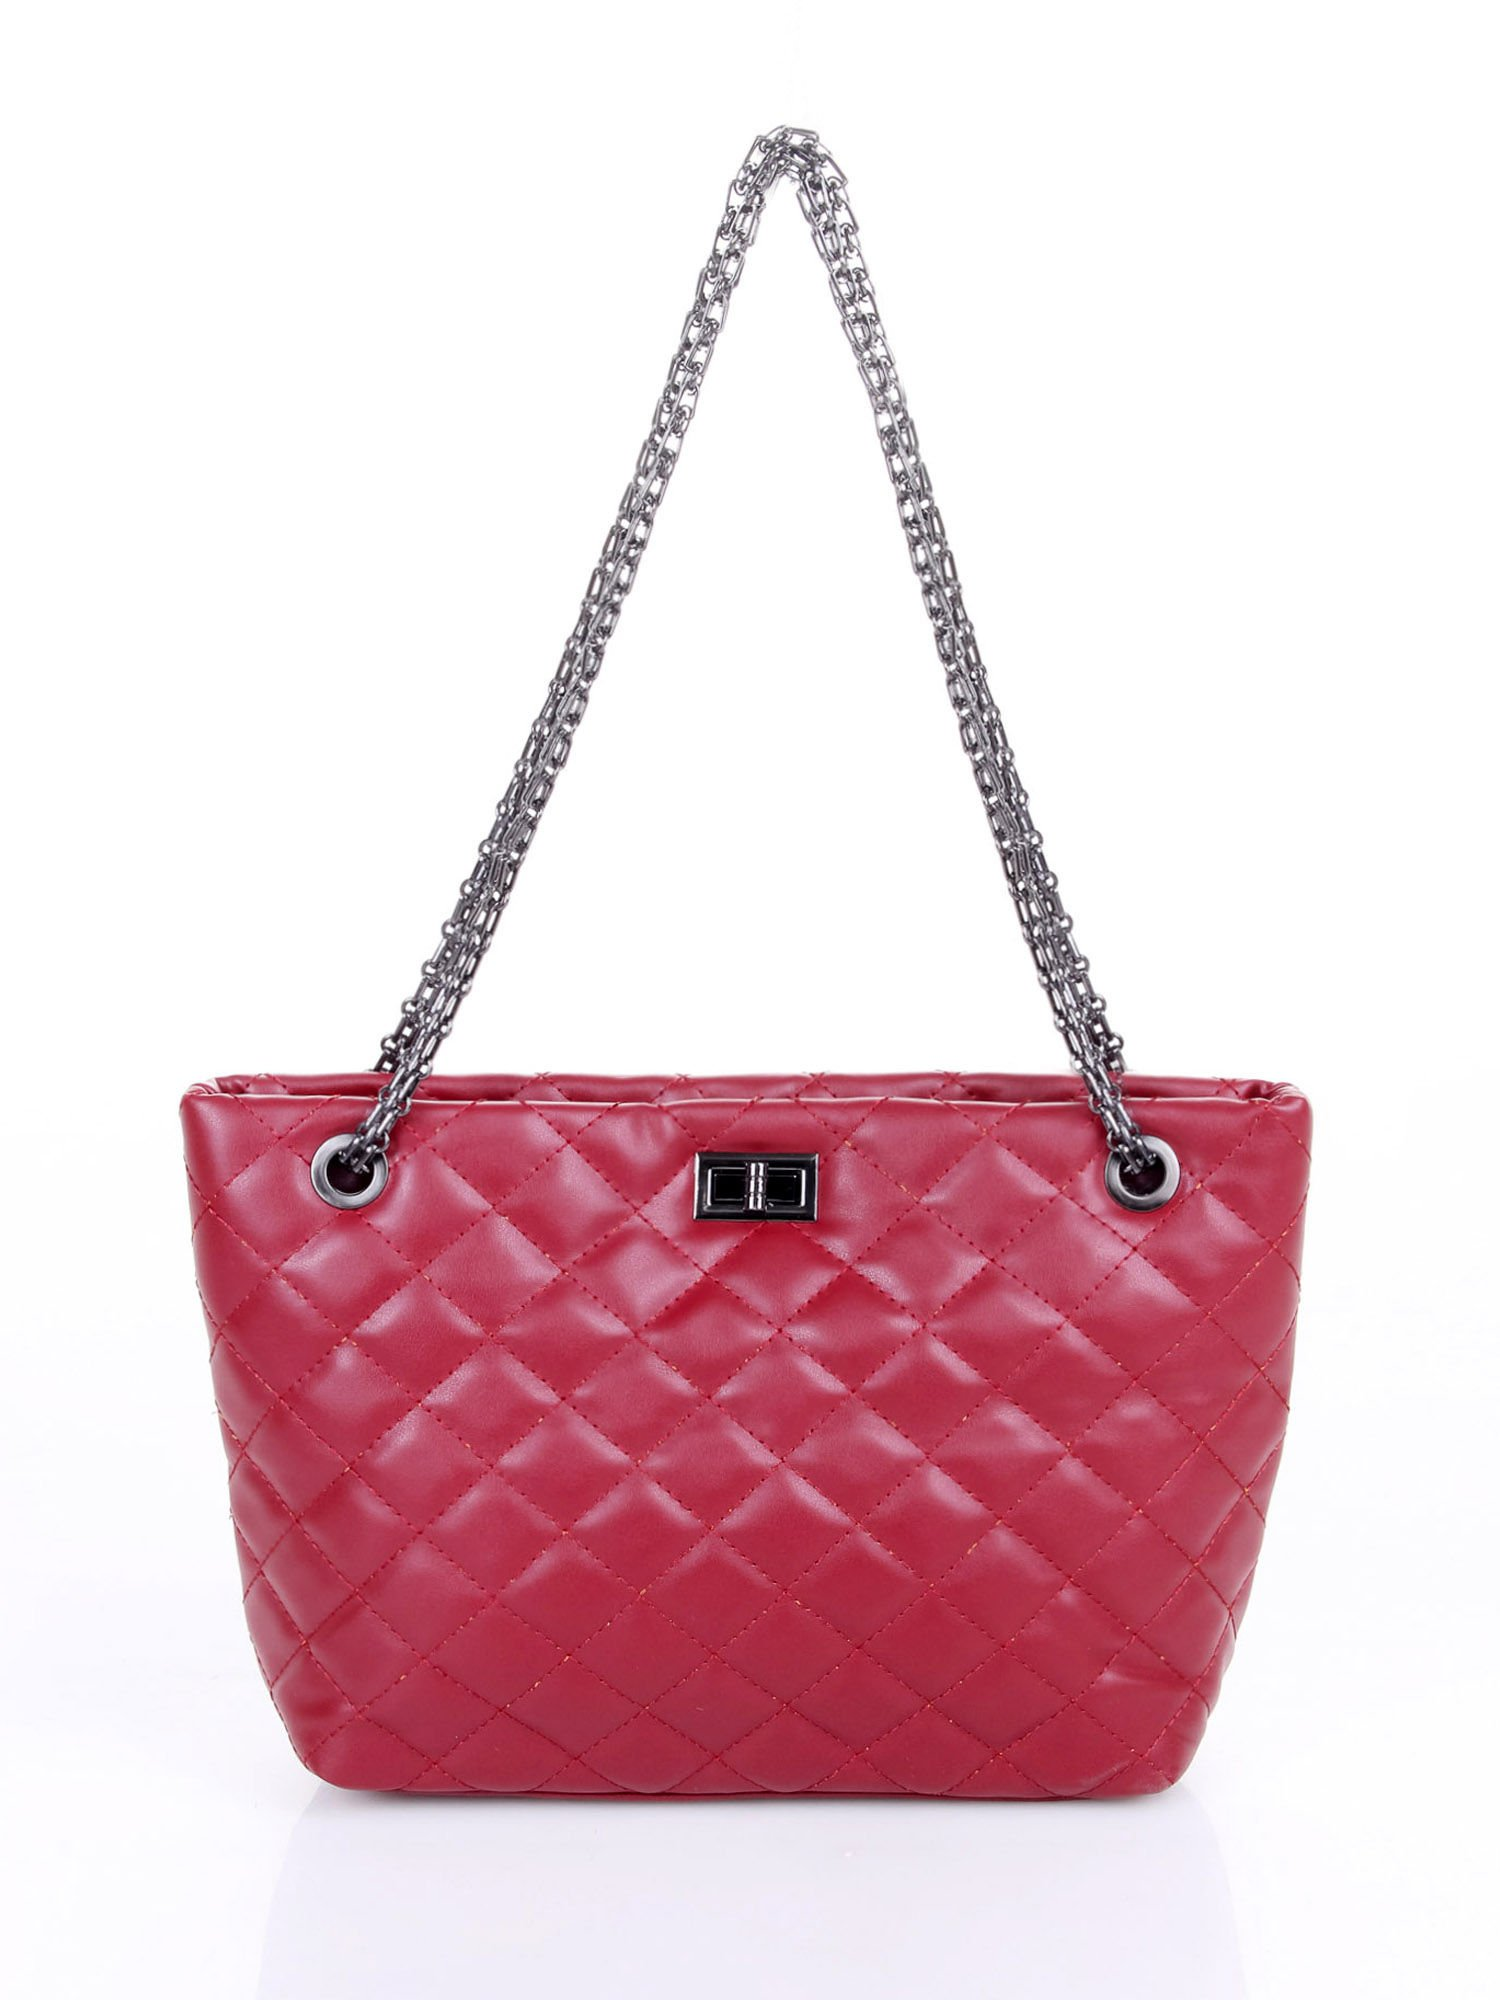 Czerwona pikowana torebka na łańcuszku                                  zdj.                                  4